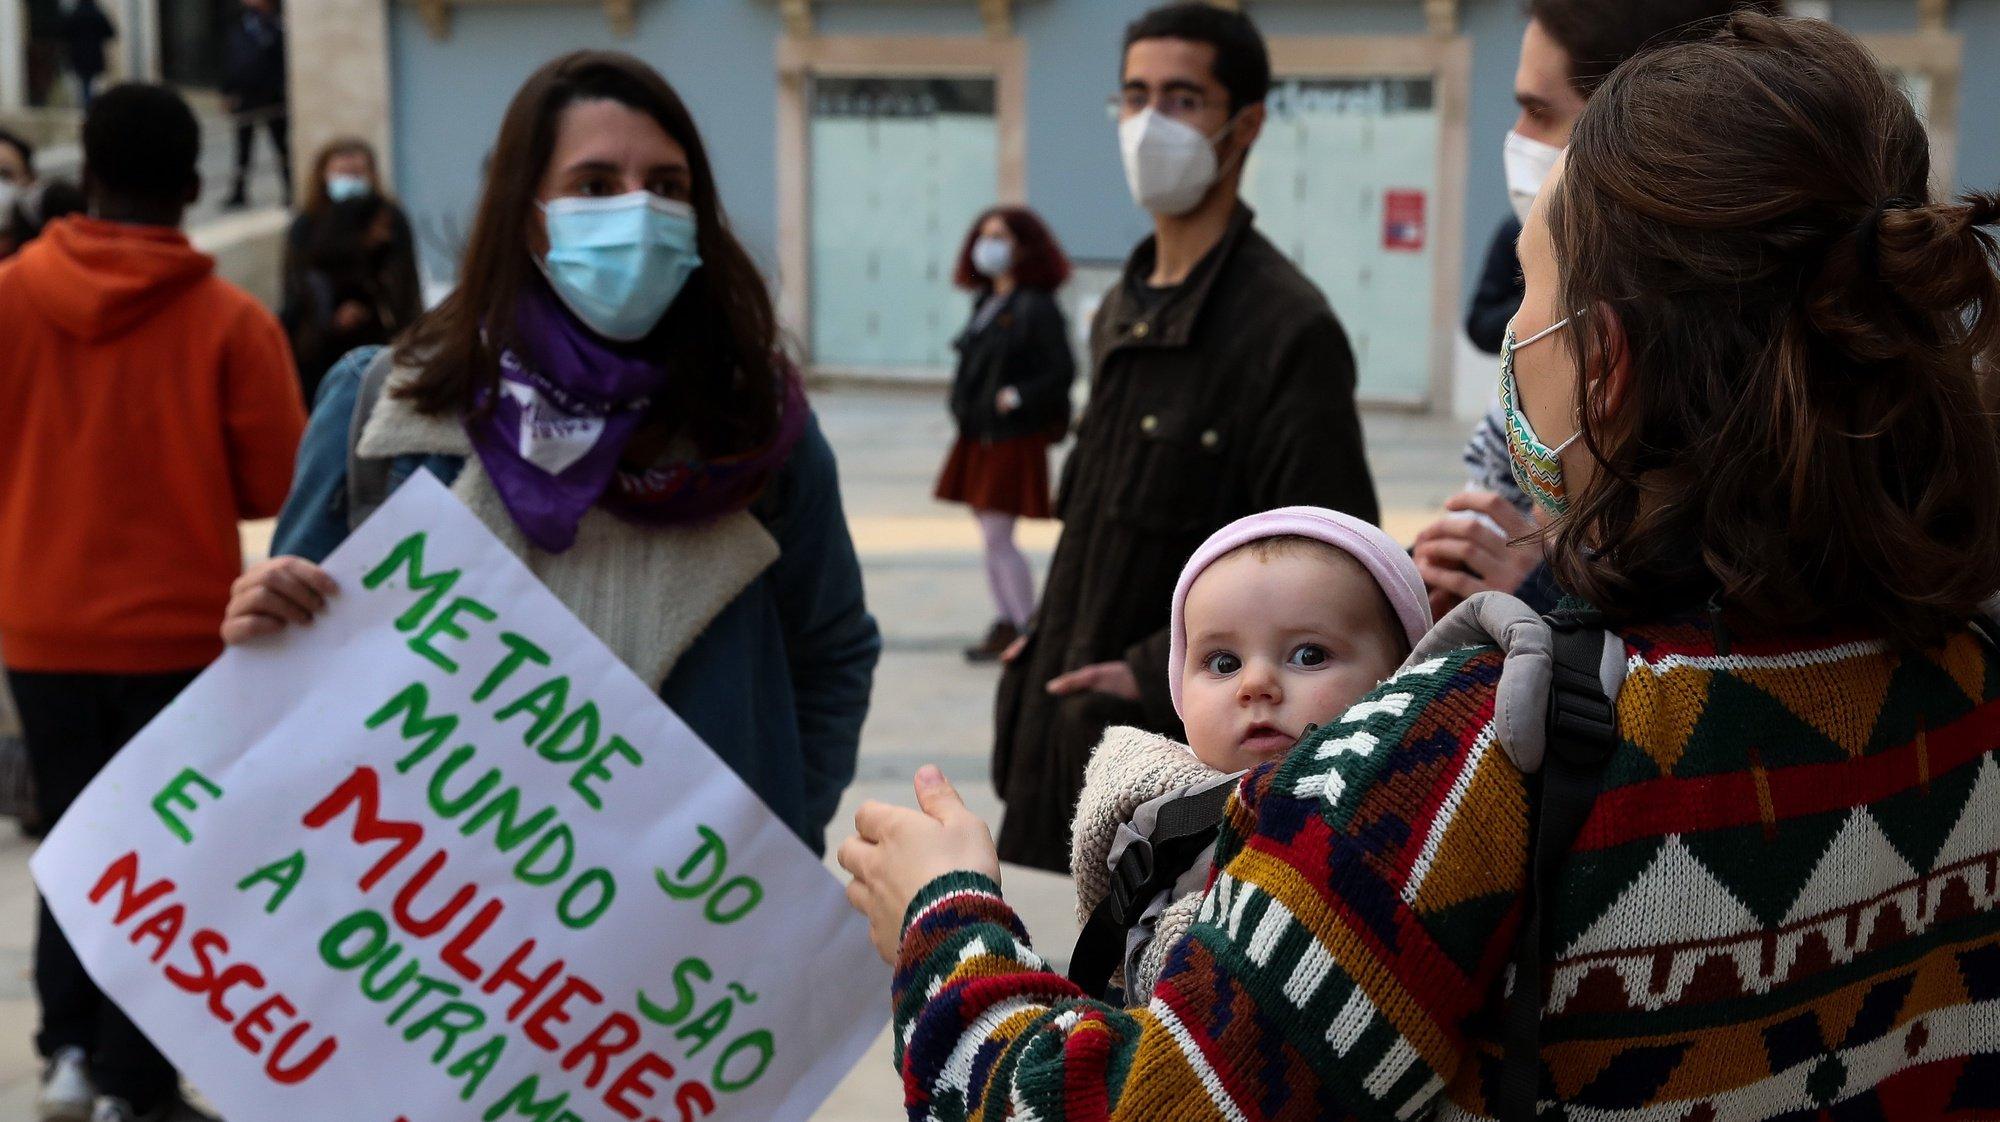 Mulheres durante a concentração organizada pela Rede 8 de Março, a Brigada Estudantil de Coimbra e a Brigada Fernanda Mateus para assinalar o Dia Internacional da Mulher, na Praça 8 de Maio, Coimbra, 8 de março de 2021. PAULO NOVAIS/LUSA